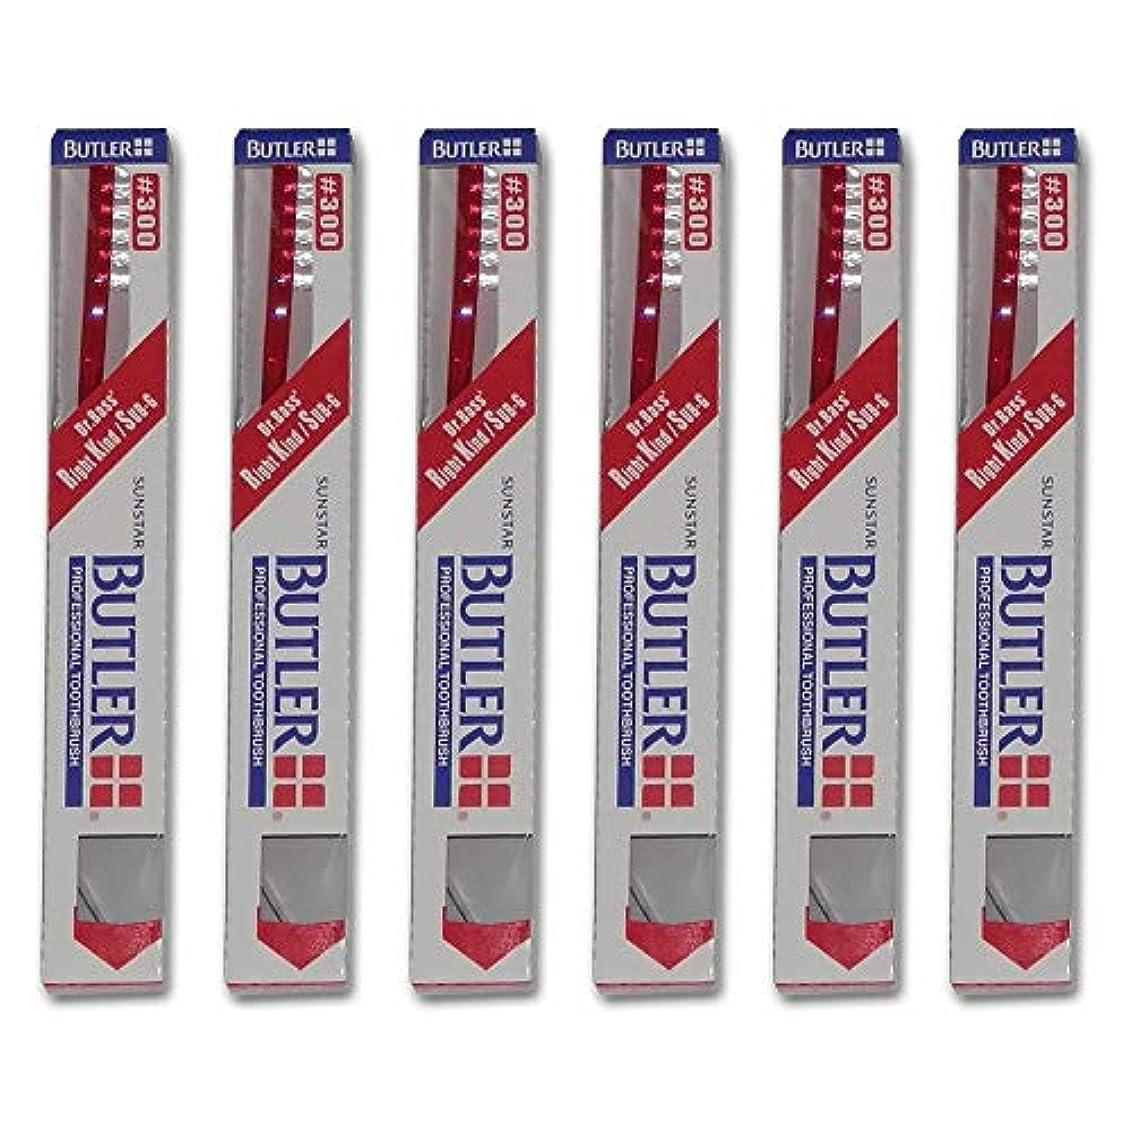 代わりに切断する不承認バトラー 歯ブラシ 6本 #300